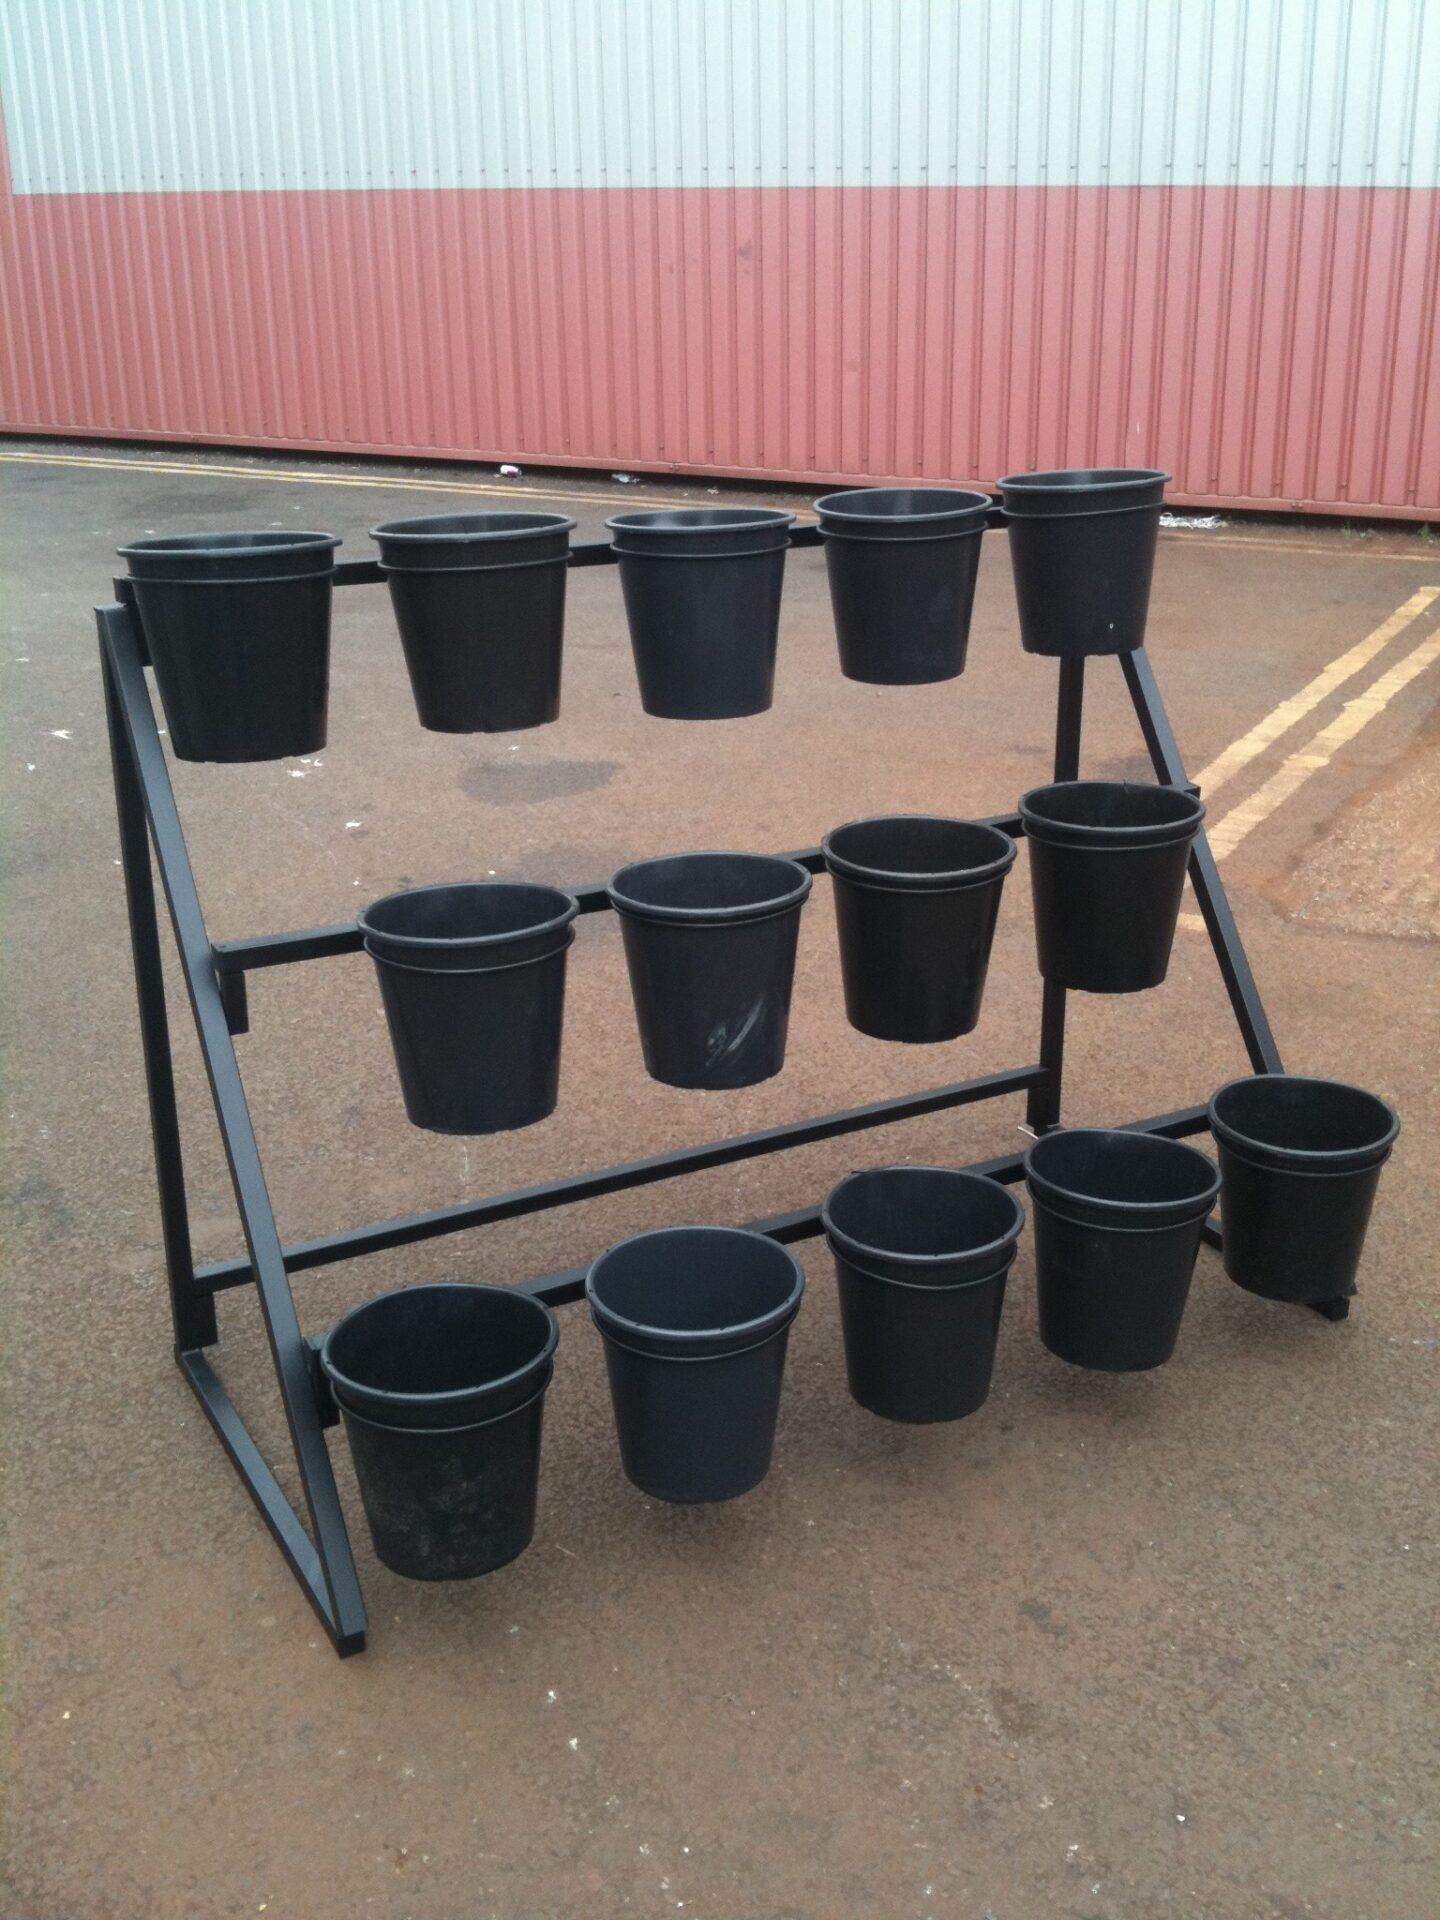 14 bucket flower stand